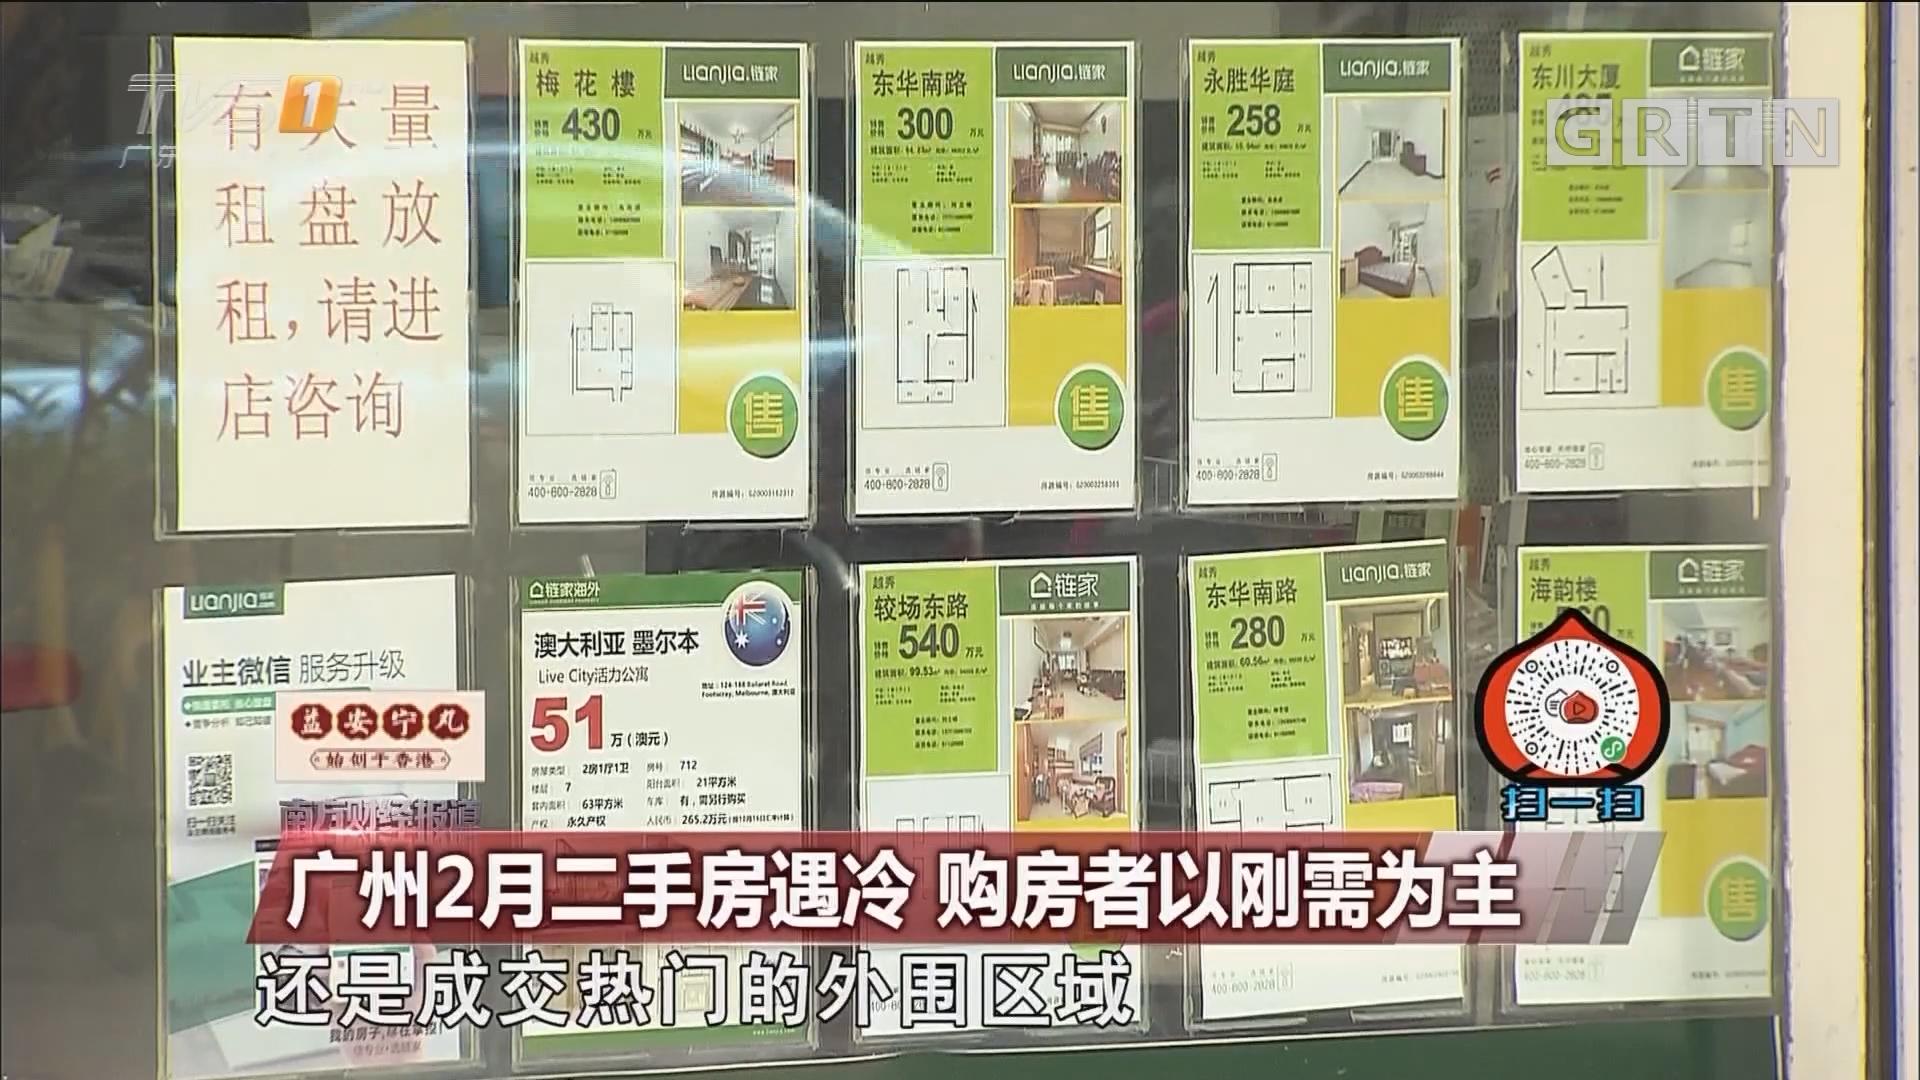 广州2月二手房遇冷 购房者以刚需为主